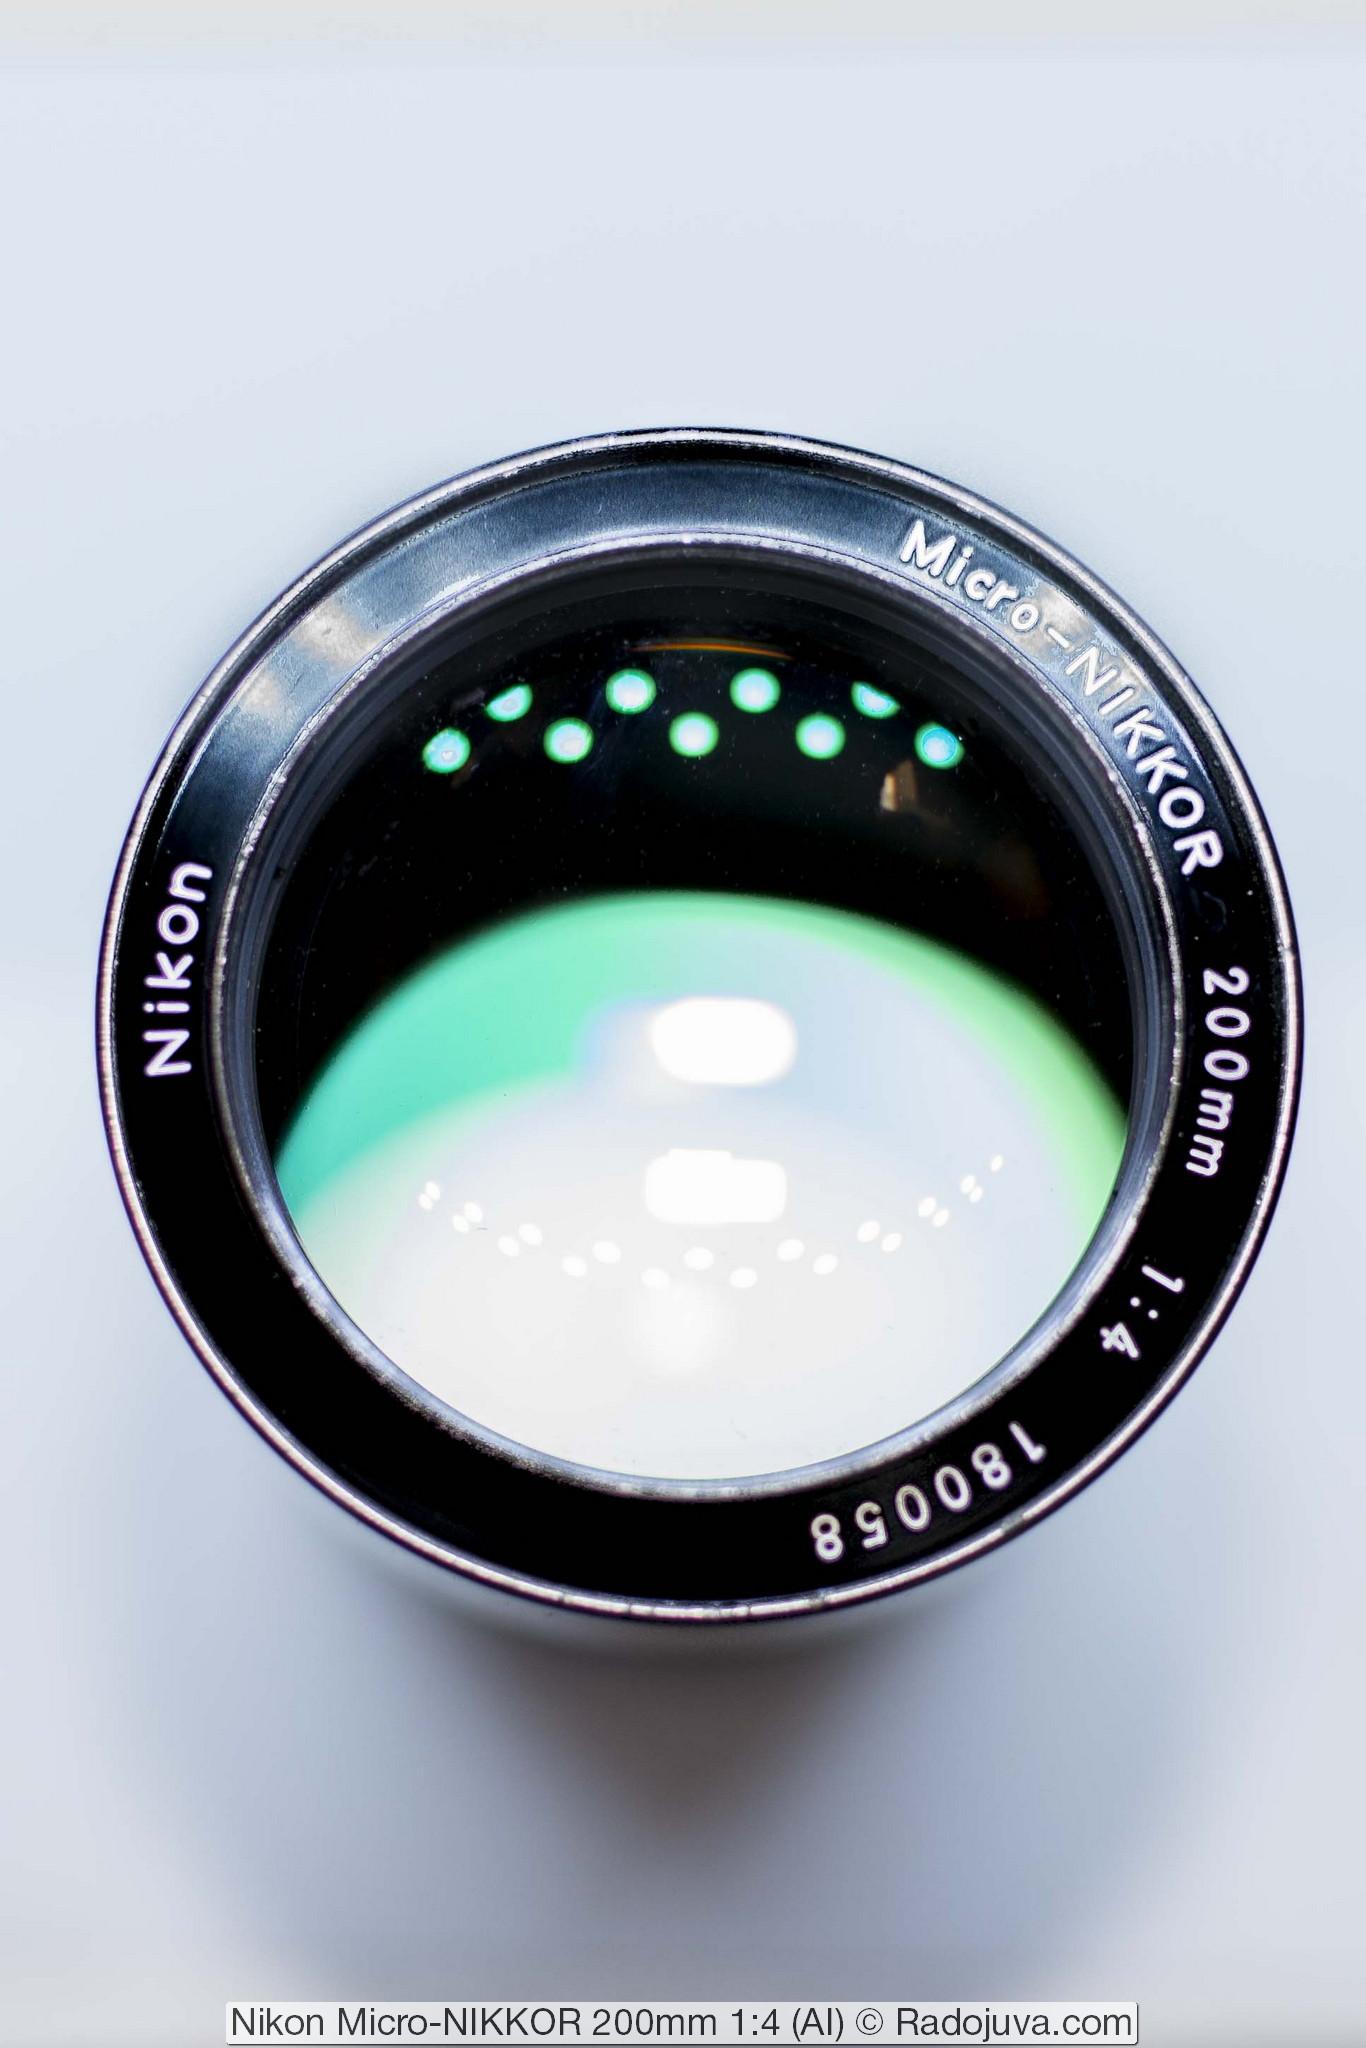 Nikon Micro-NIKKOR 200mm 1:4 (AI)